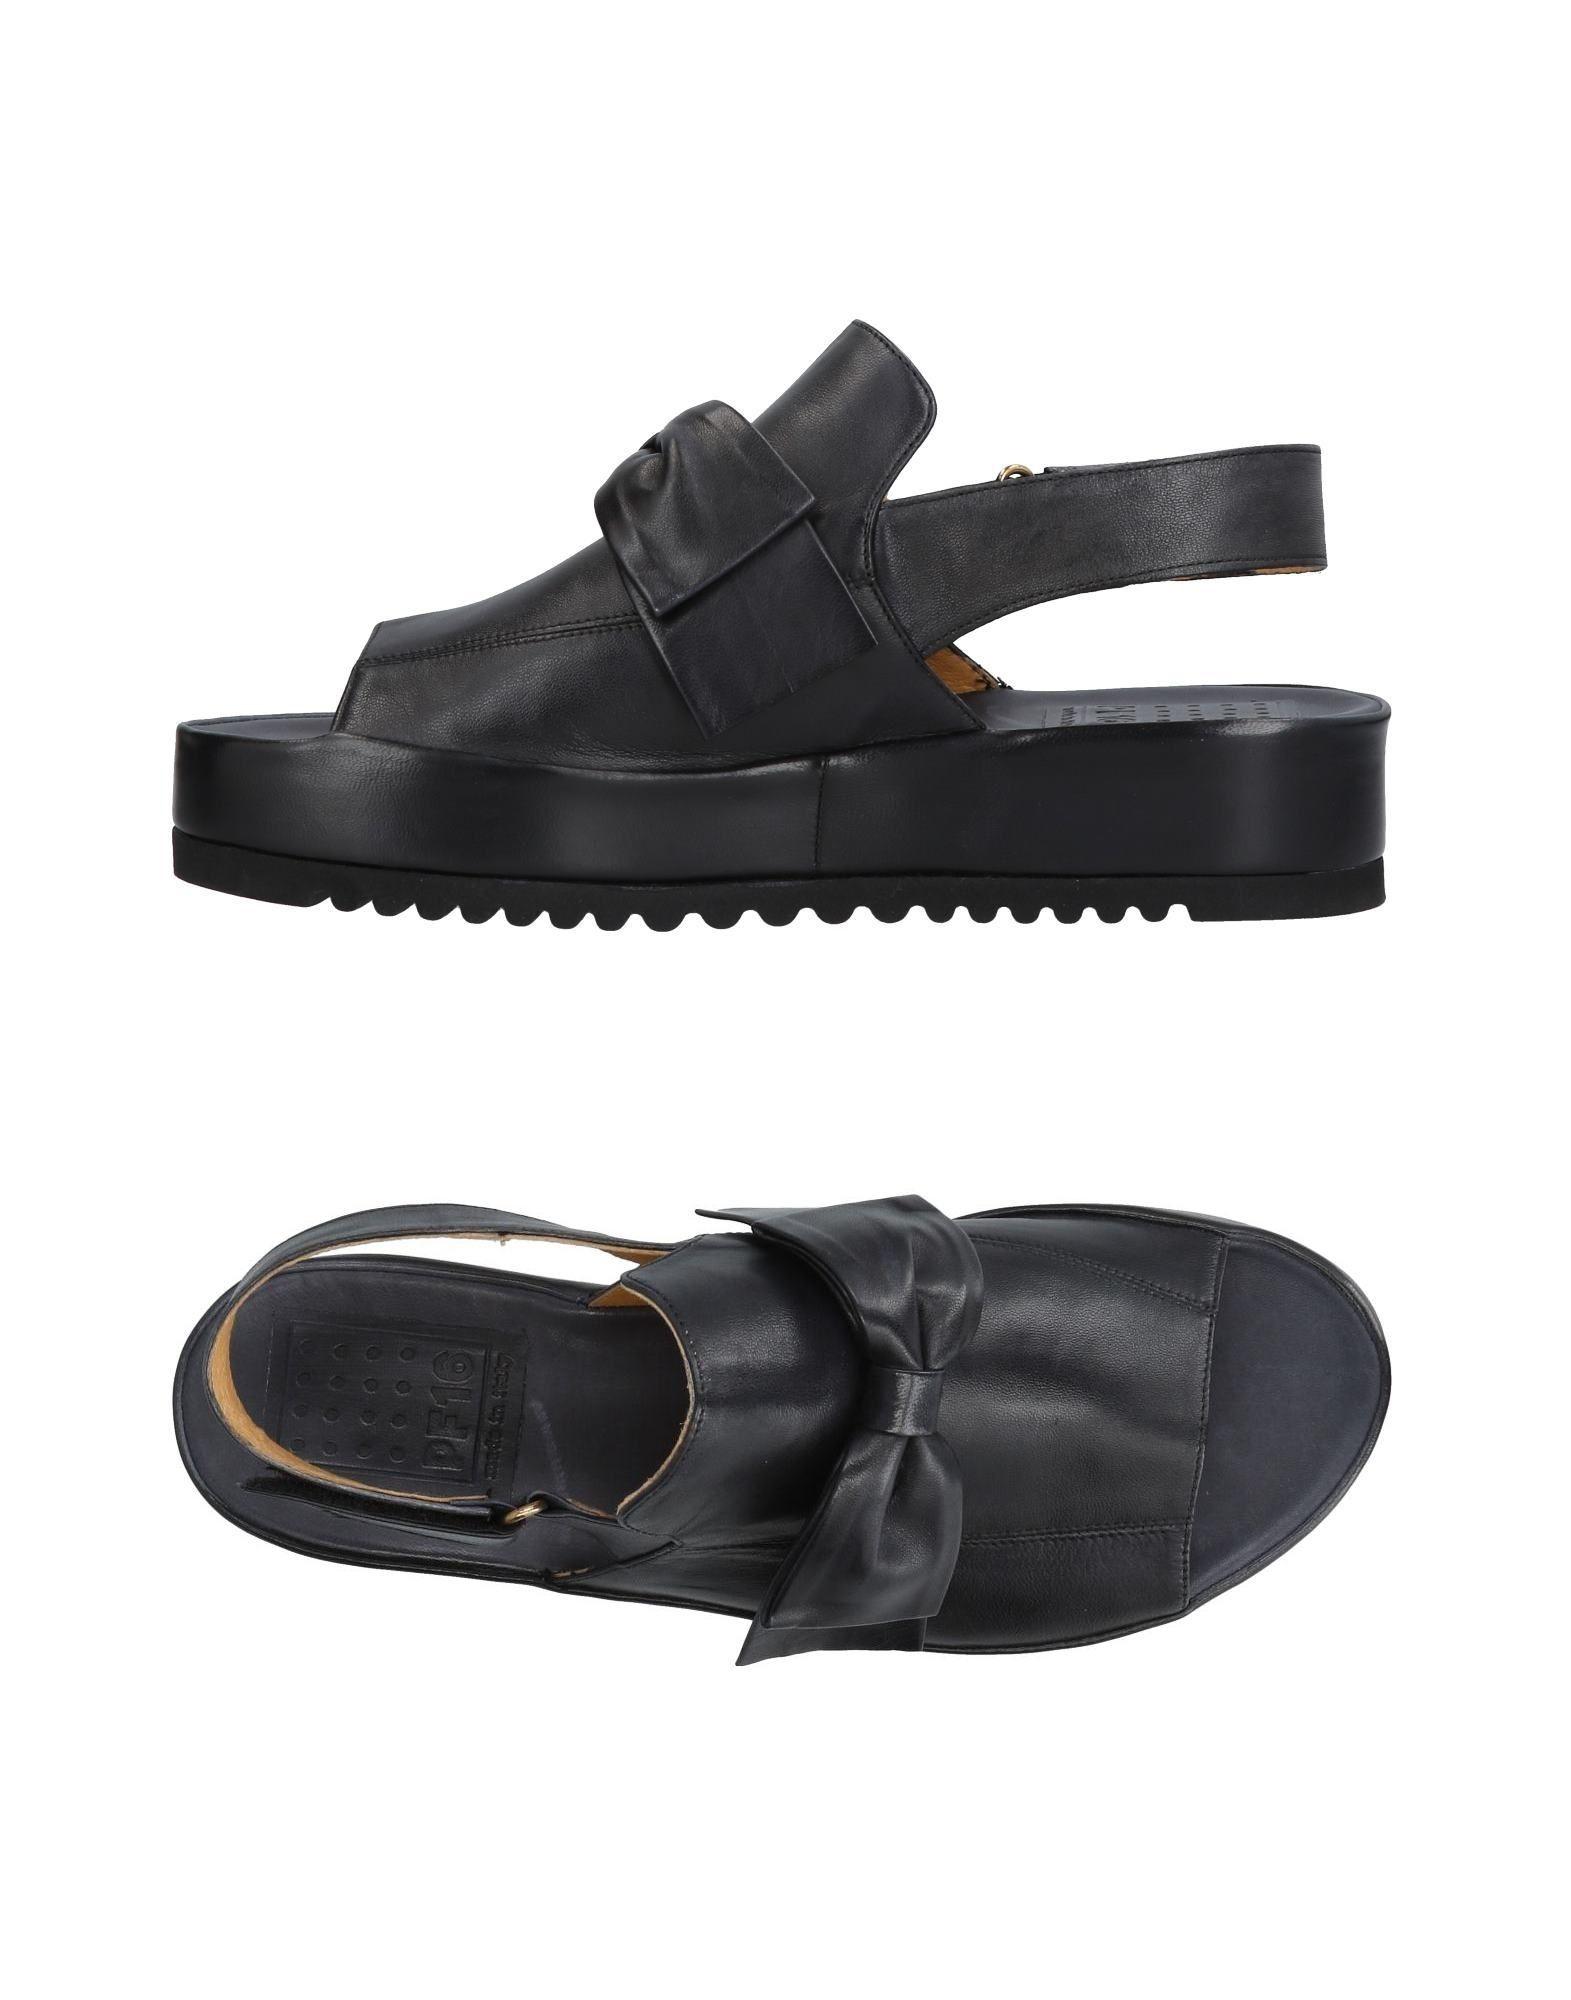 Pf16 Sandalen Sandalen Pf16 Damen  11426799LA Gute Qualität beliebte Schuhe c0d517